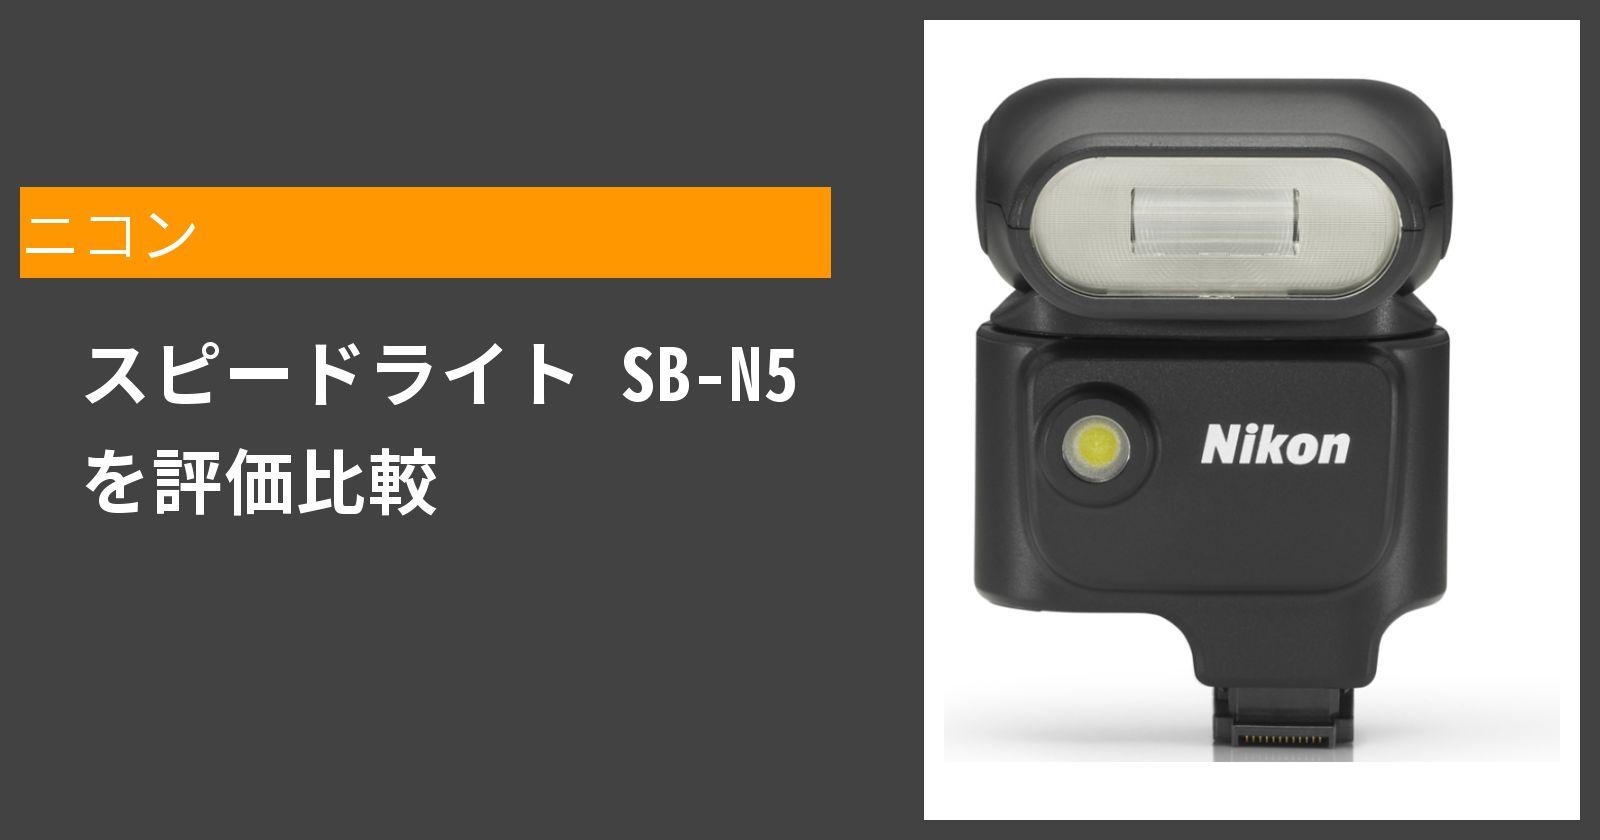 スピードライト SB-N5を徹底評価